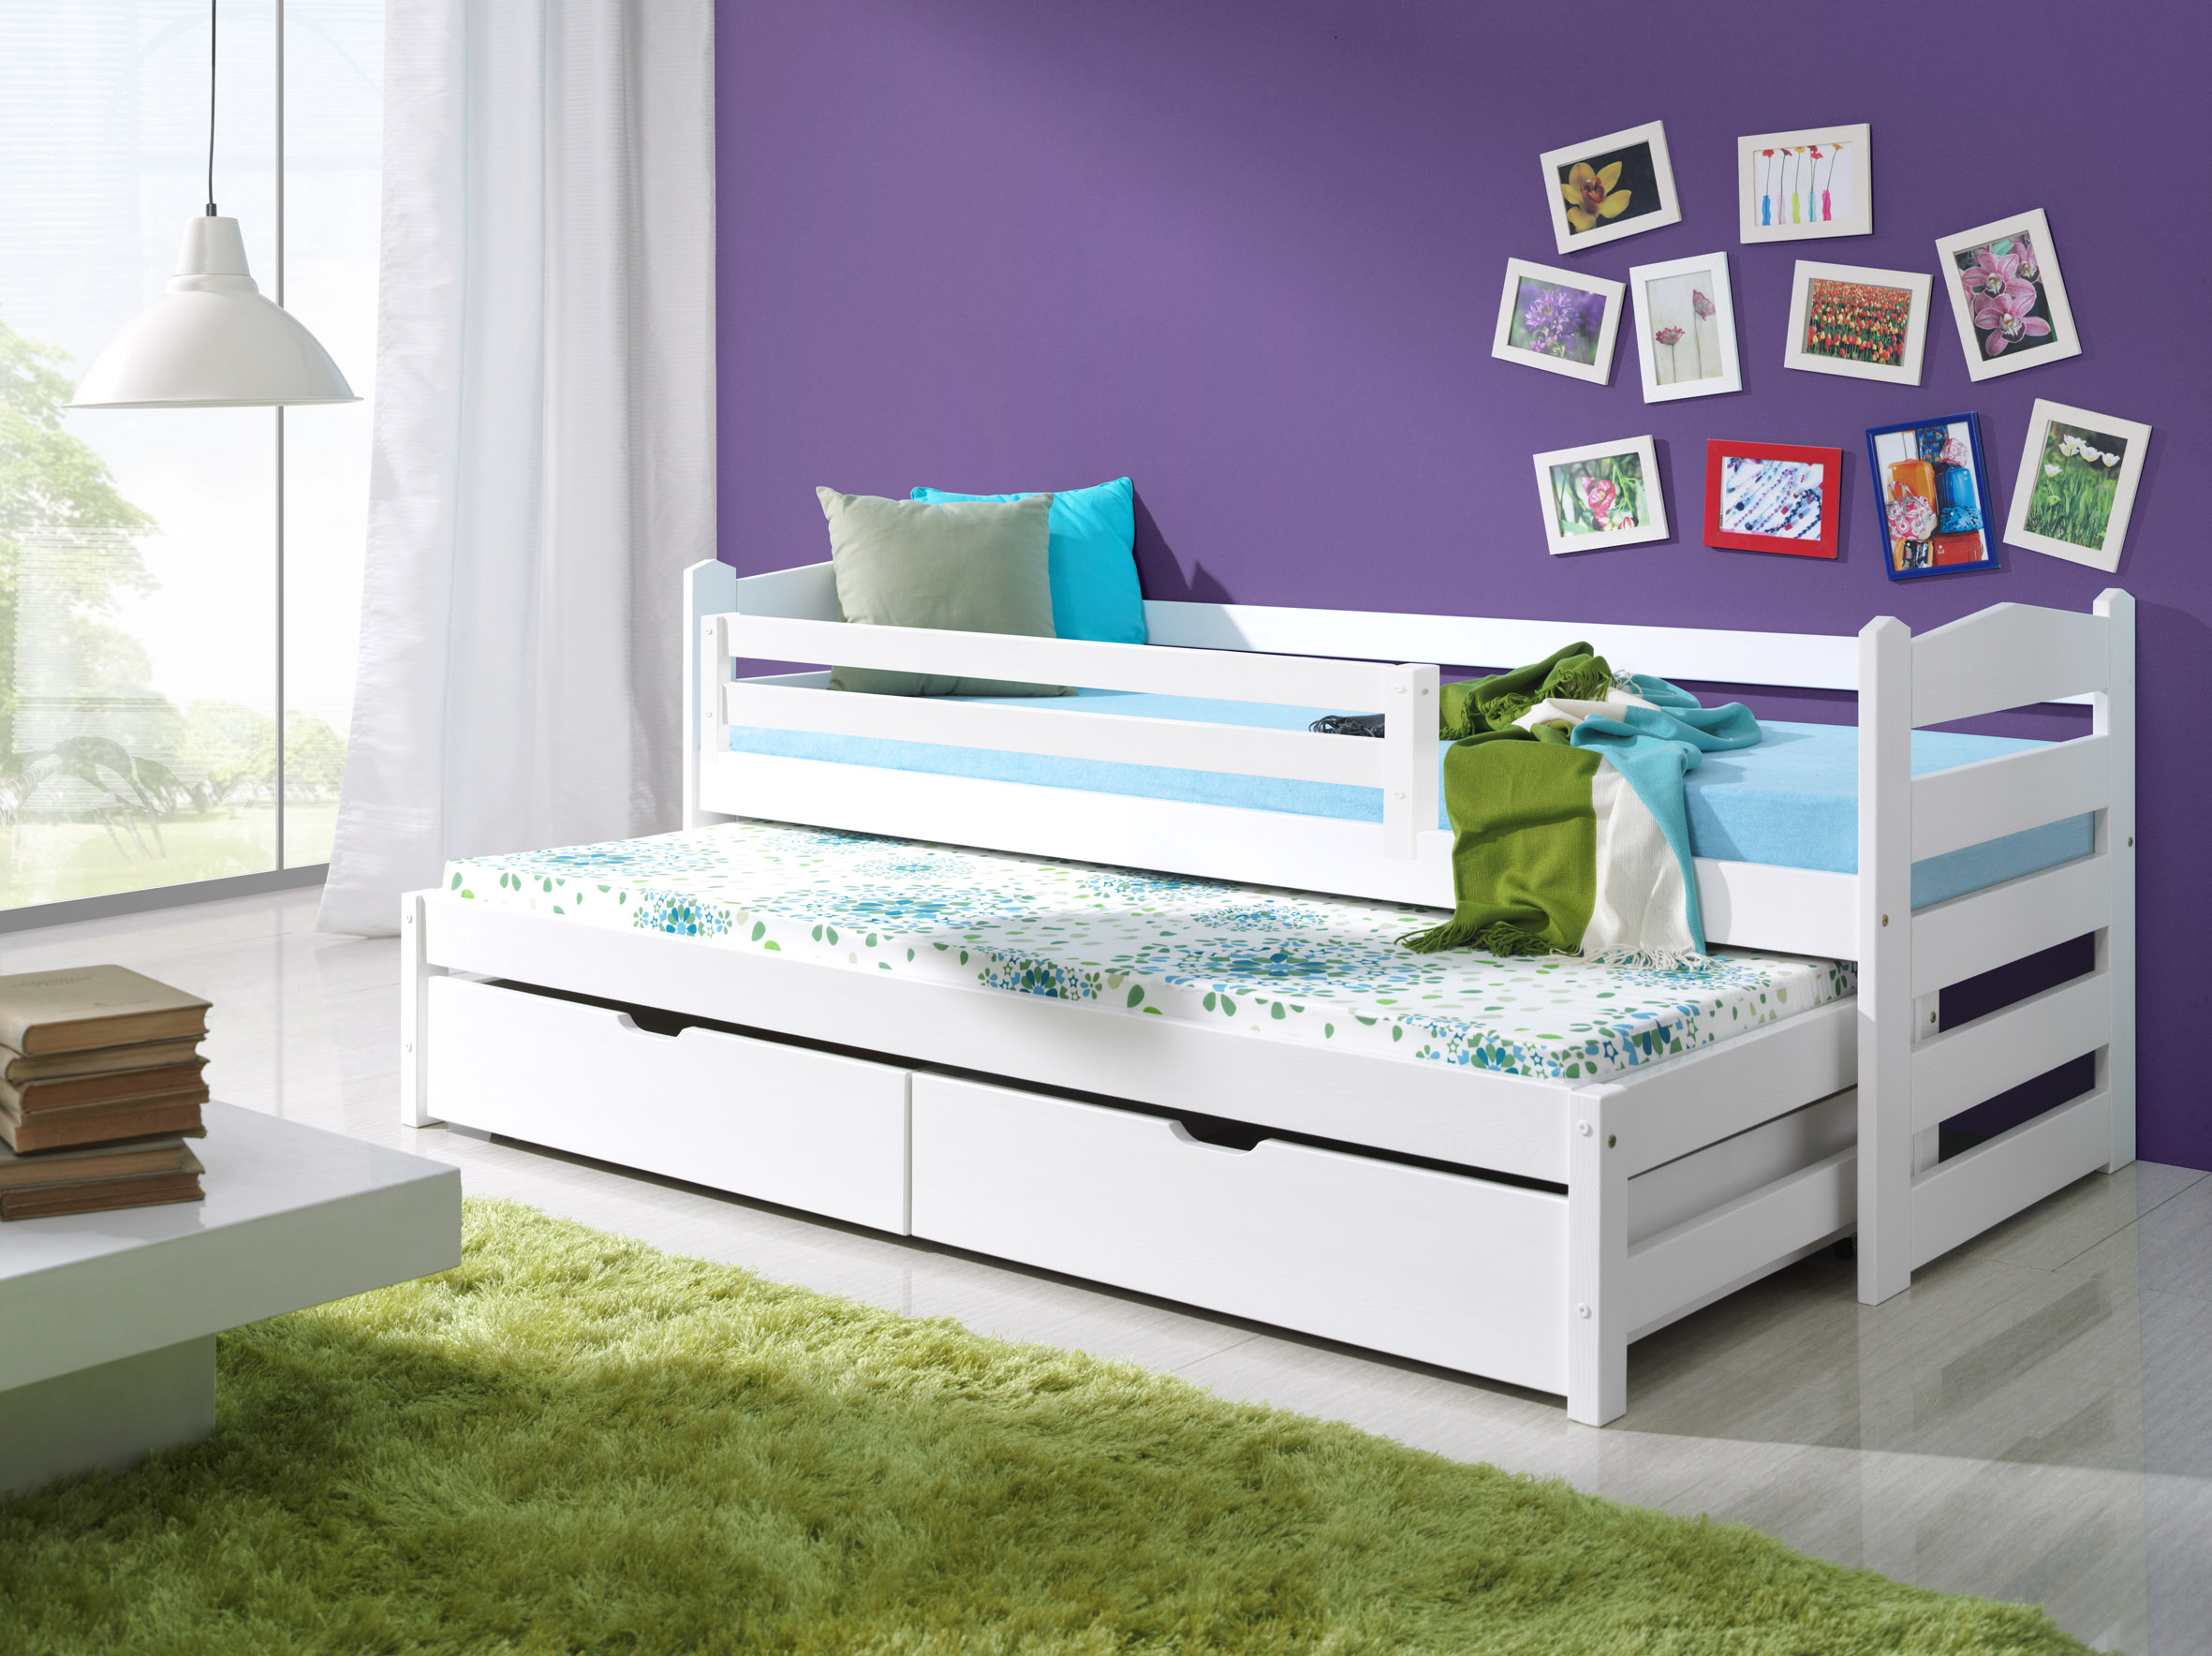 Dětská postel s dvoulůžkem a úložným prostorem 200x80 + doprava zdarma Dětská postel